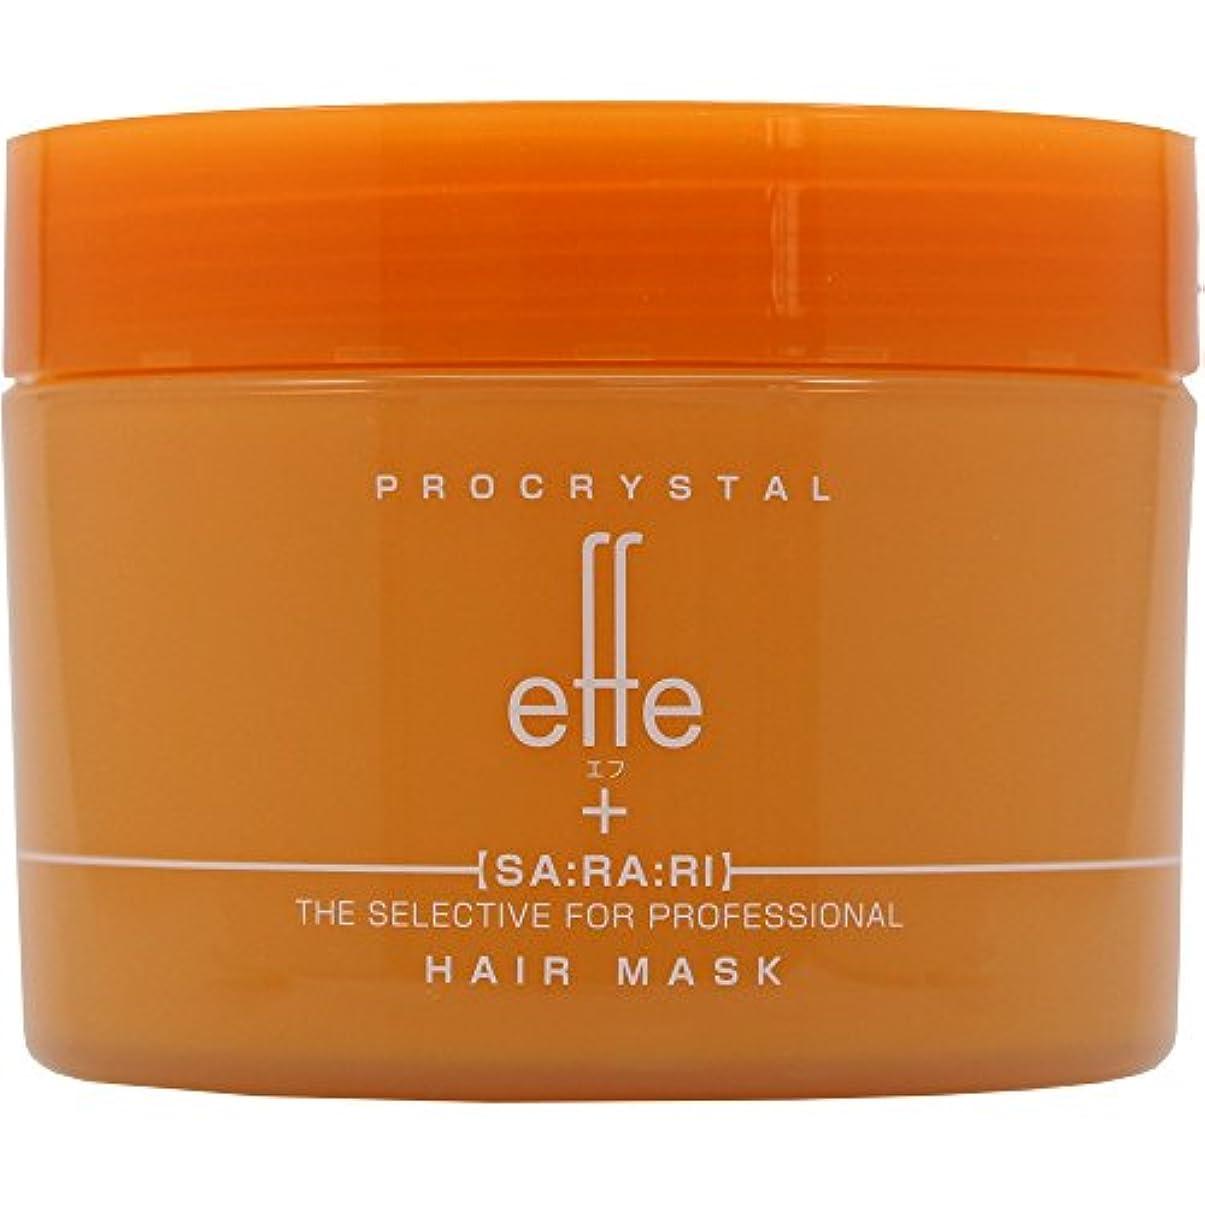 ラフトアラート名前を作るアペティート化粧品 プロクリスタル effe (エフ) ヘアマスク さらり200g